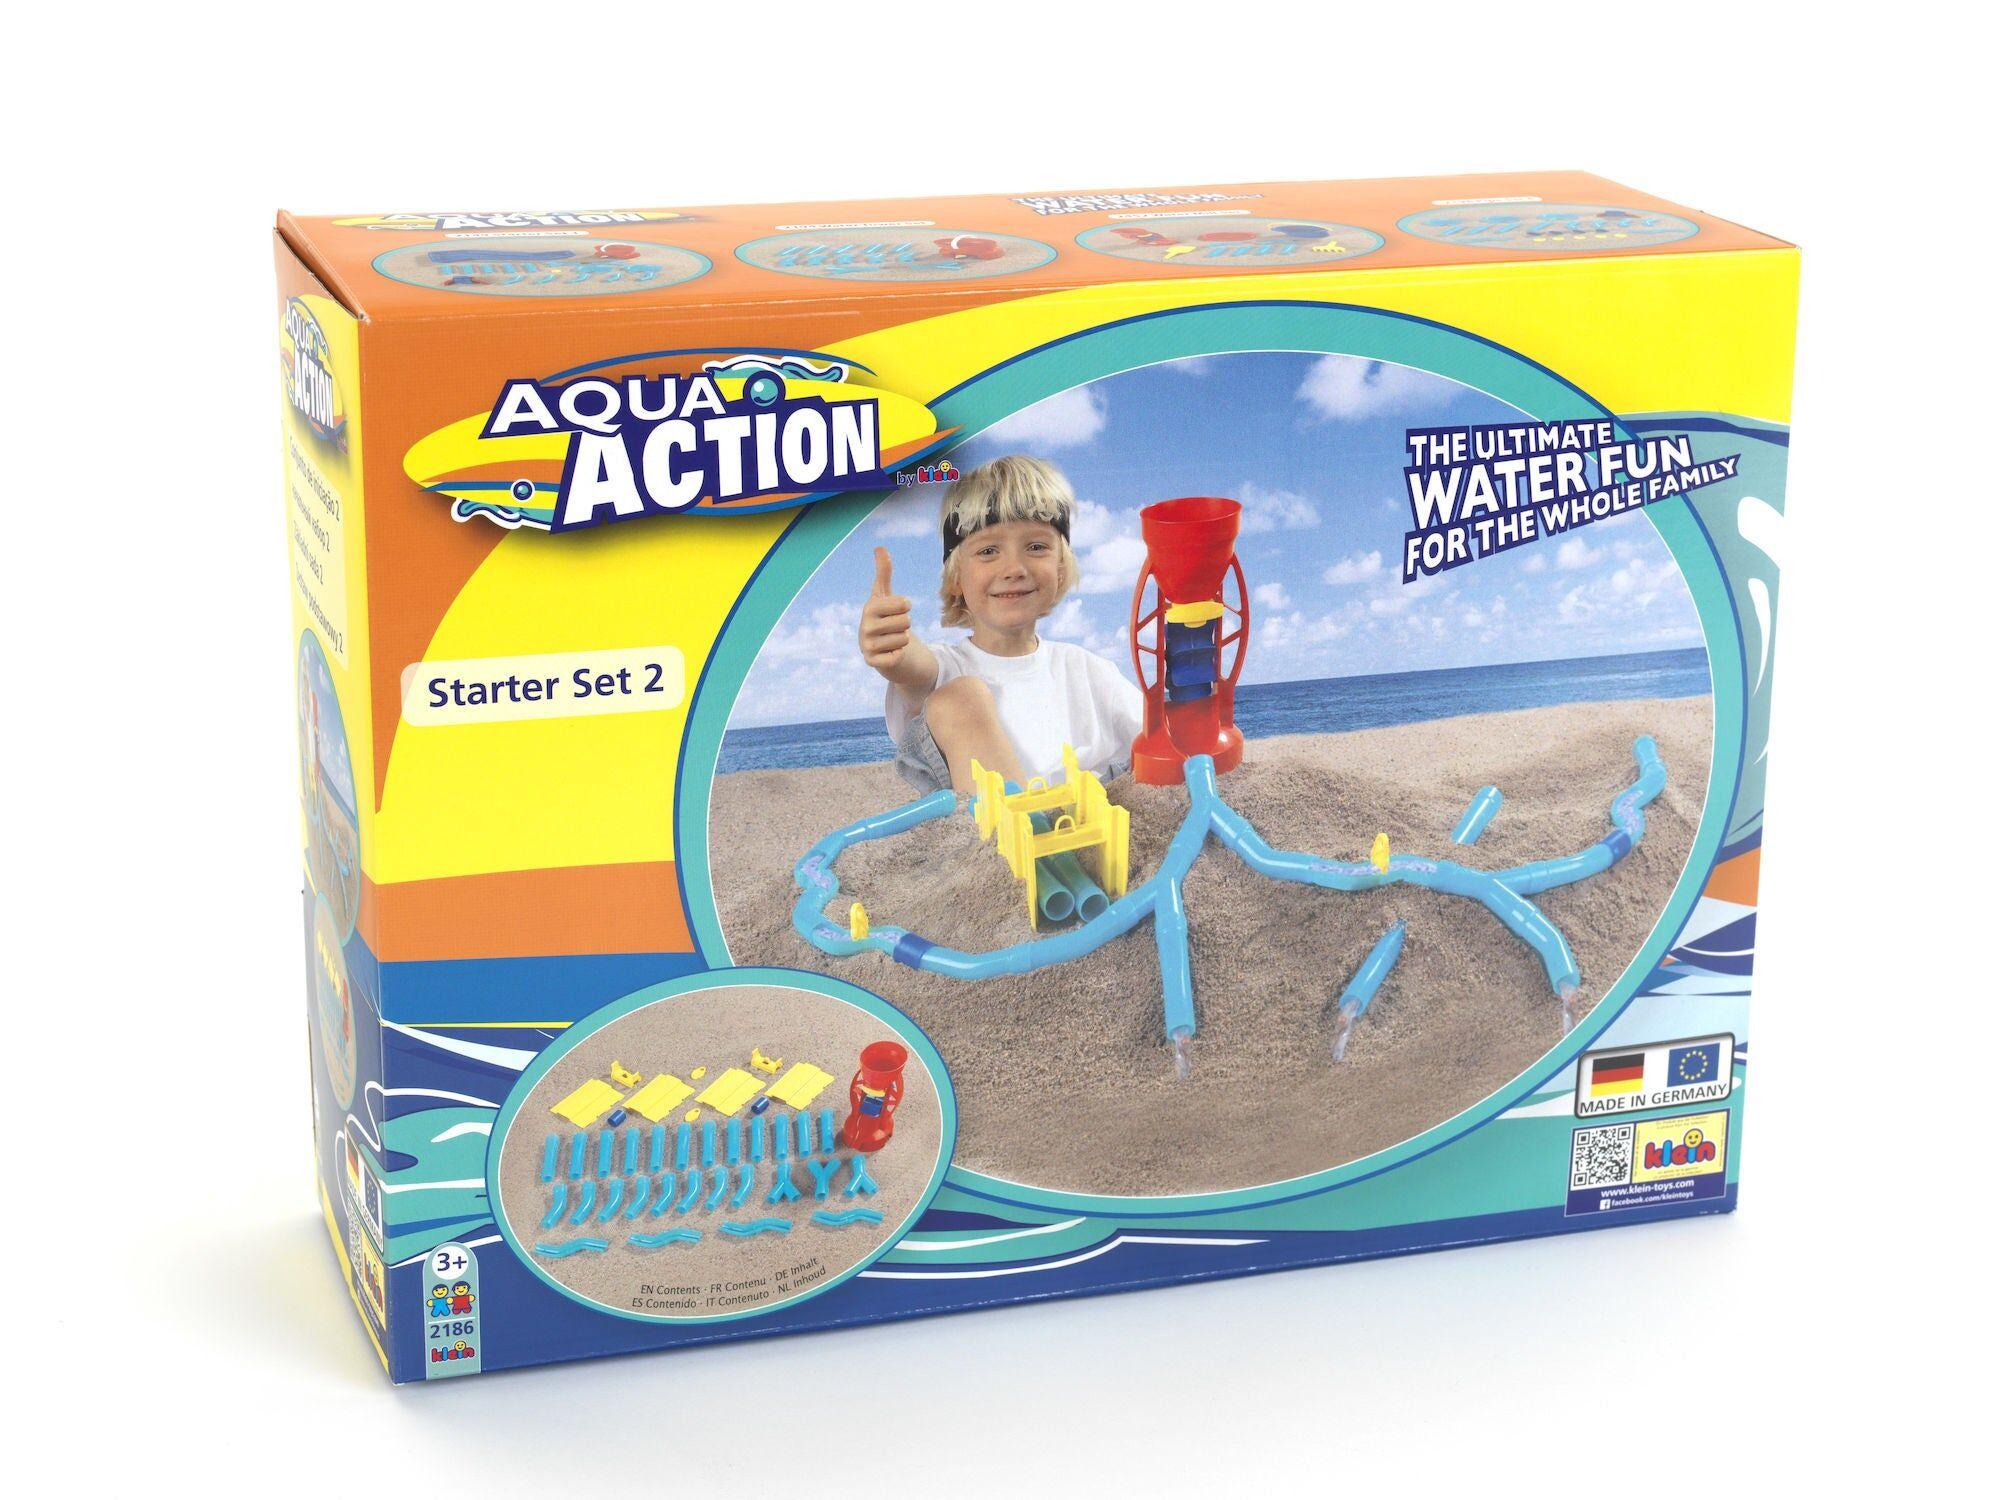 Klein Toys Aqua Action Startsett 2